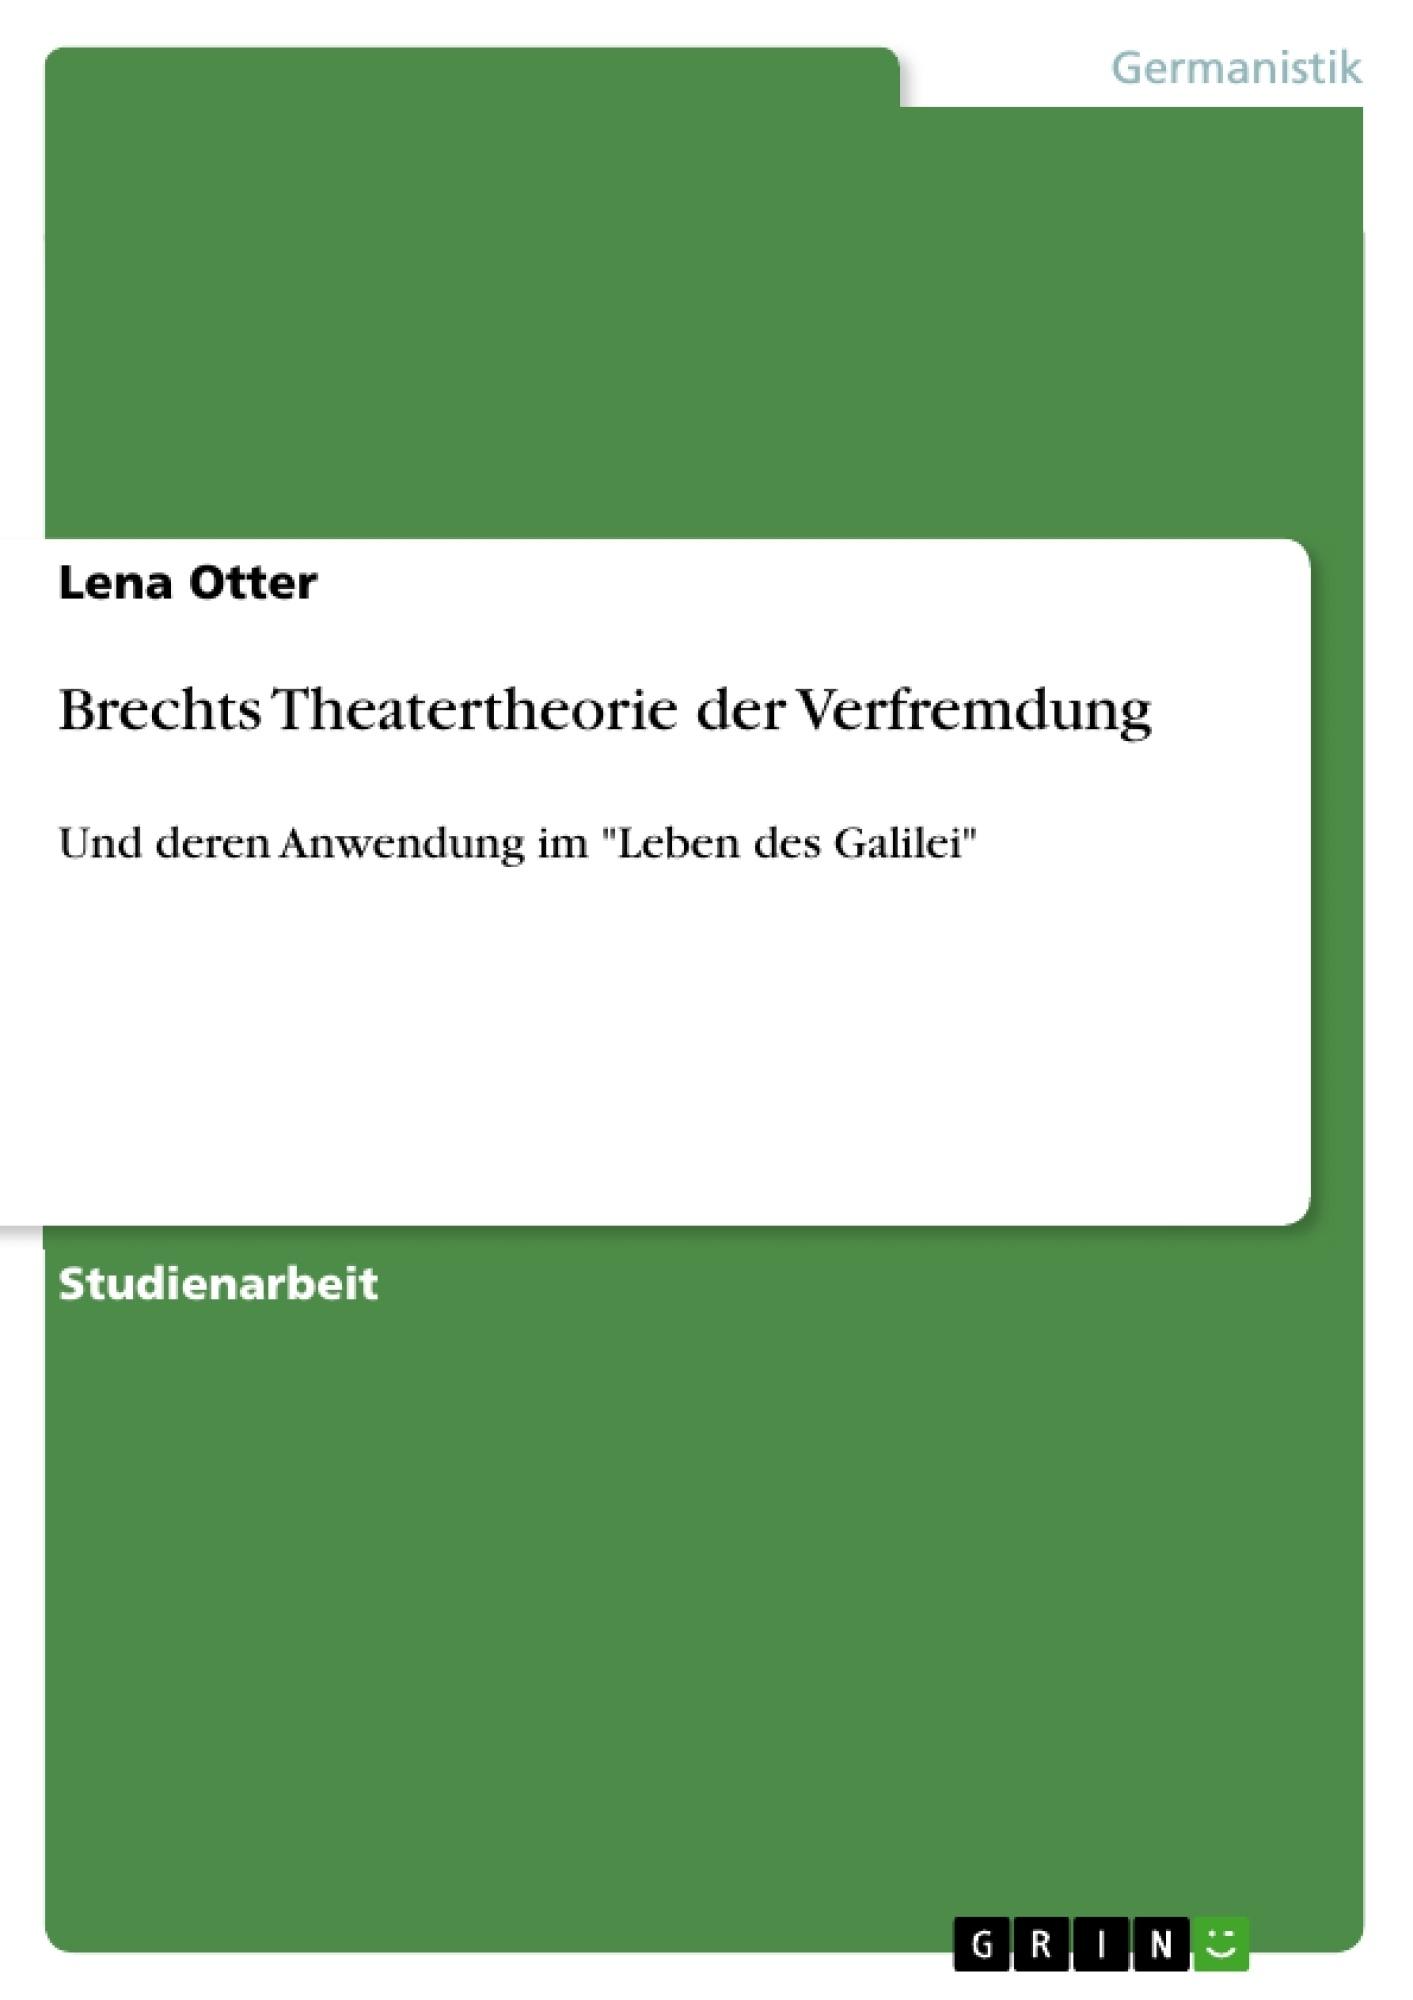 Titel: Brechts Theatertheorie der Verfremdung